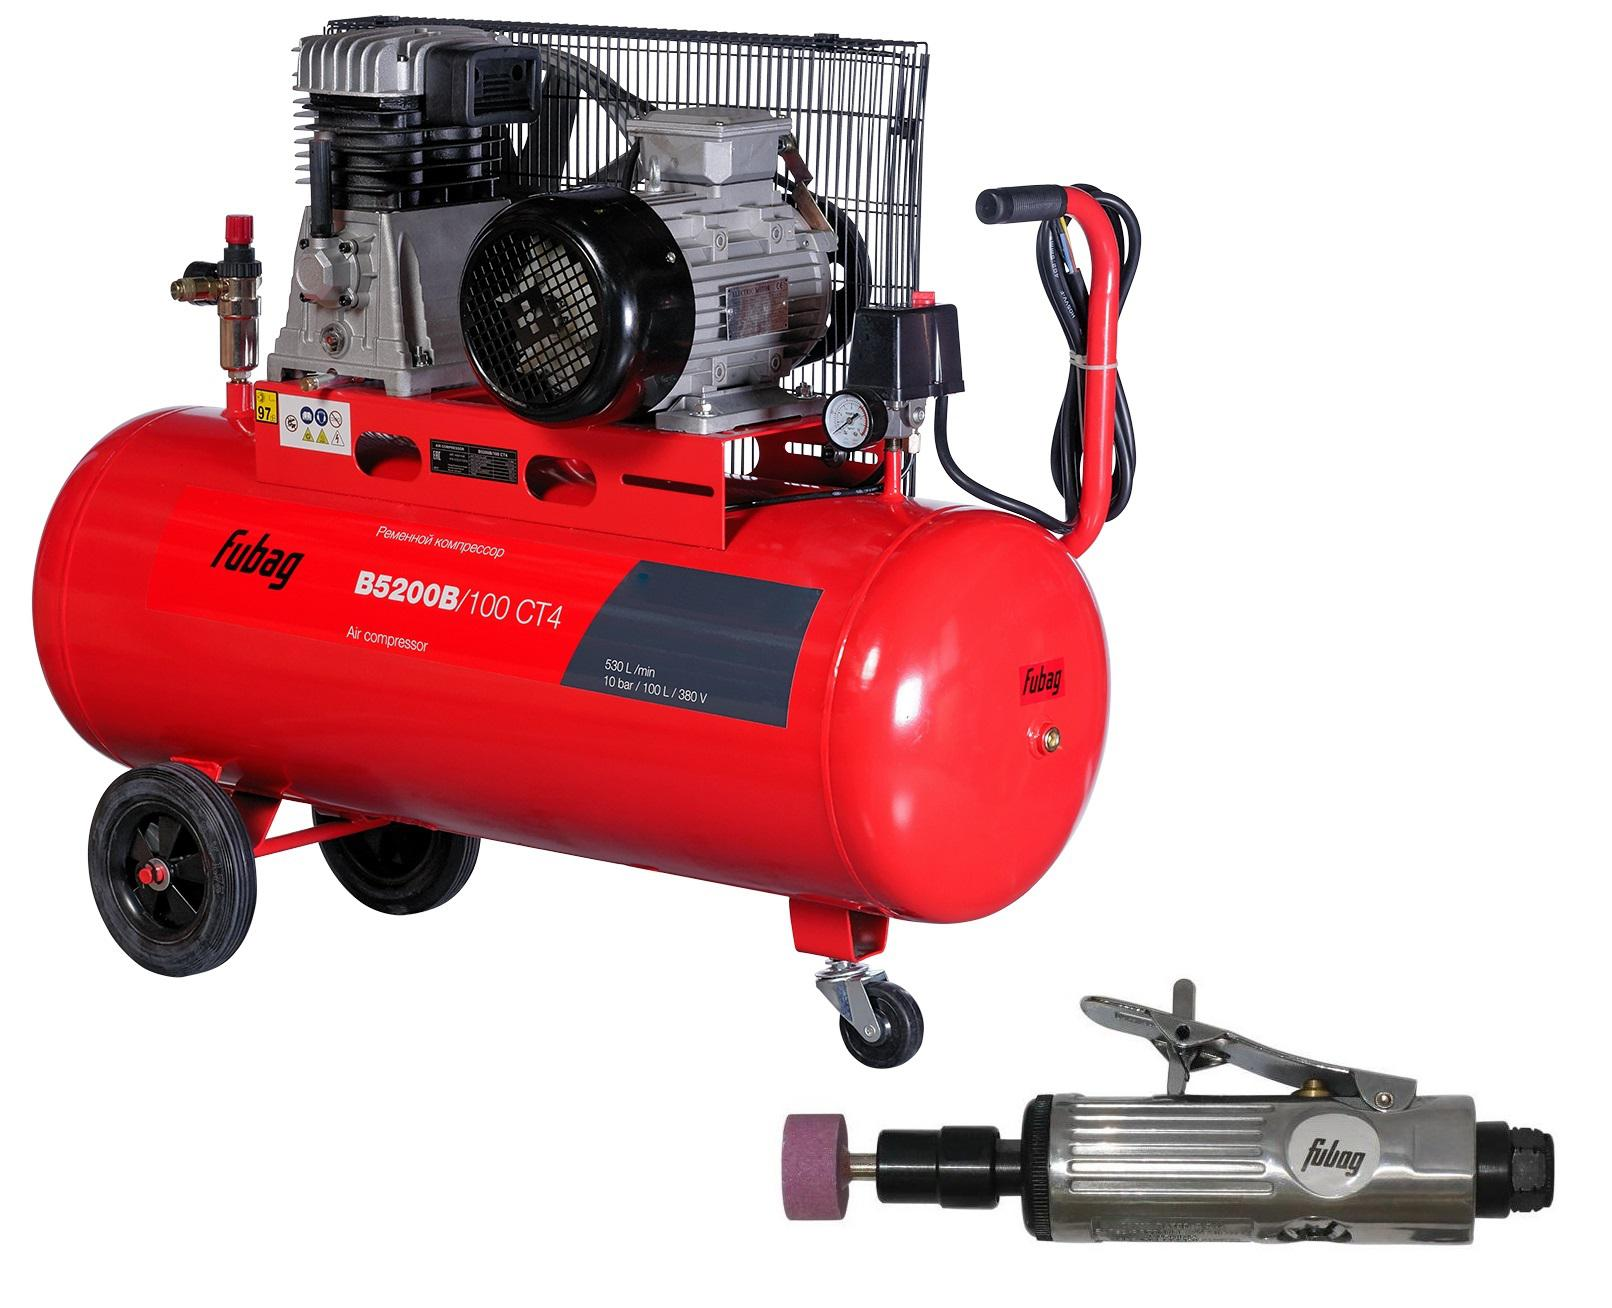 Компрессор Fubag B5200b/100 СТ4 + Шлиф. машина gl103 компрессор fubag b4000b 100 см3 45681496